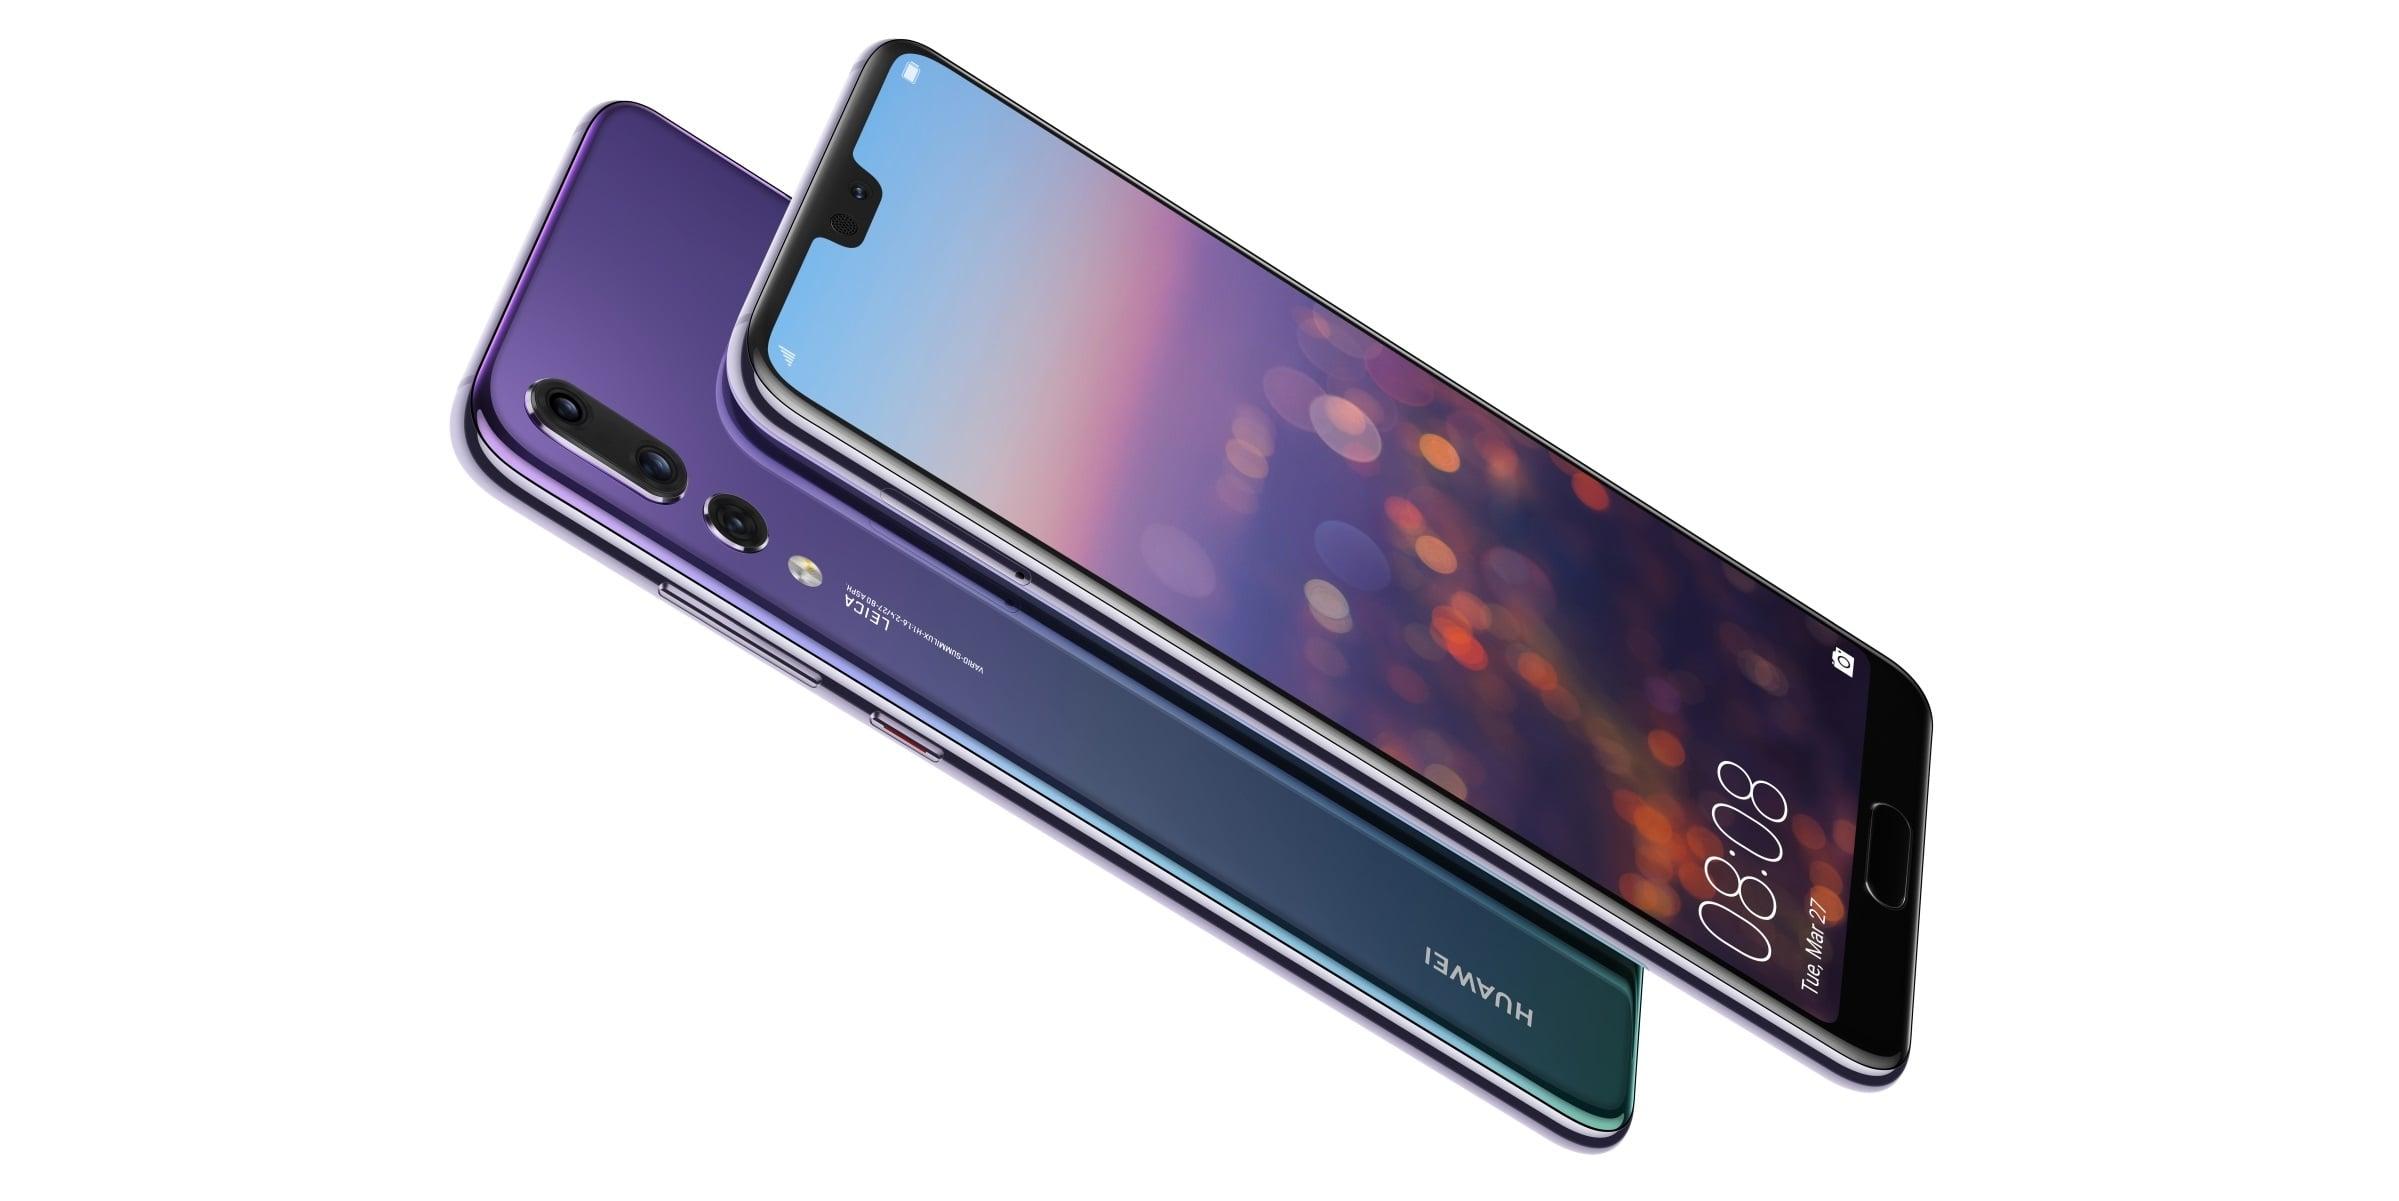 Tabletowo.pl Nie, to nie przerobiony render Huawei P20 Pro Twilight - to LEAGOO S10, który ma zadebiutować 18 kwietnia Android Chińskie Huawei Smartfony